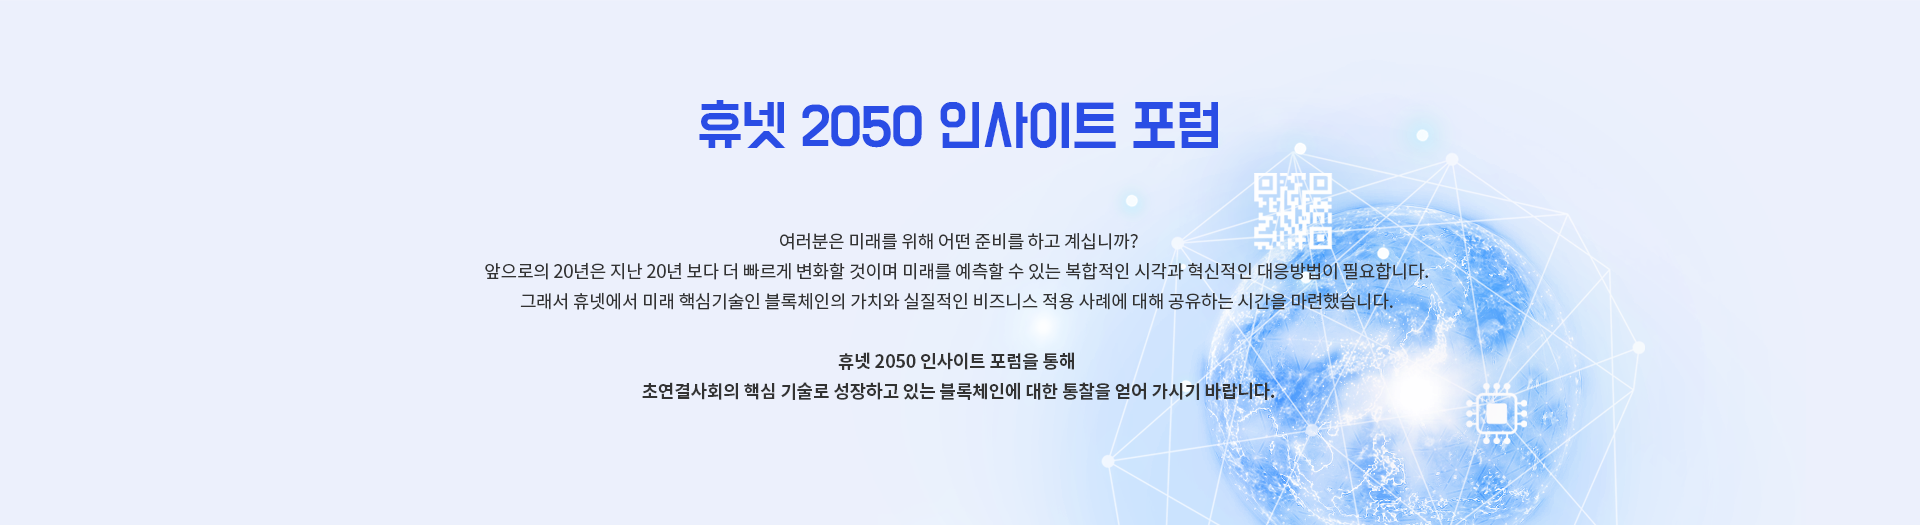 휴넷 2050 인사이트 포럼